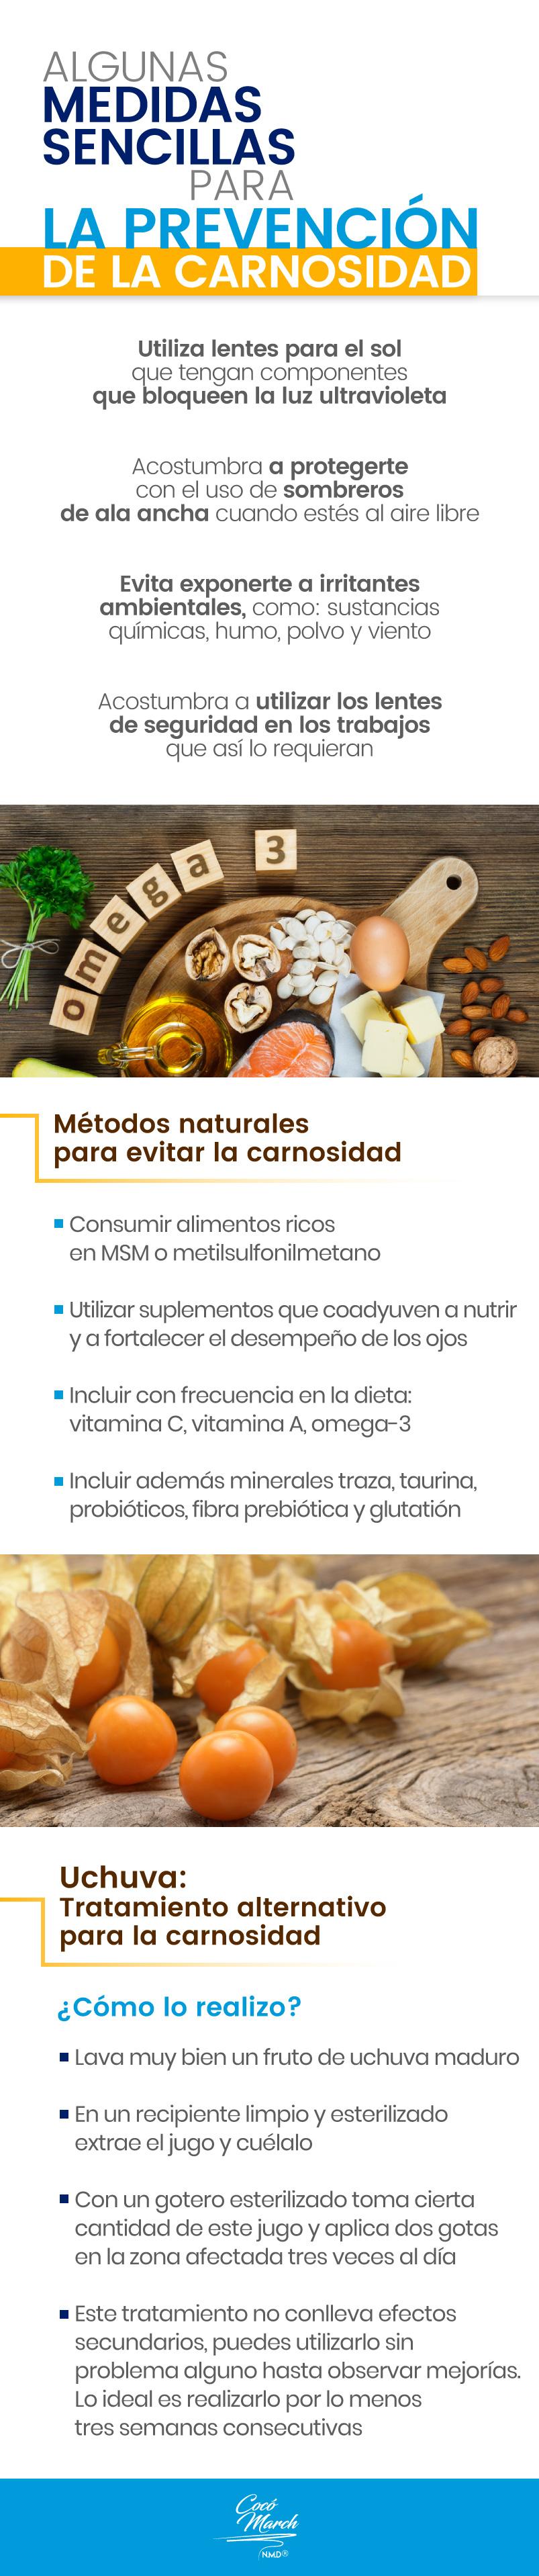 carnosidades-en-los-ojos-remedios-naturales